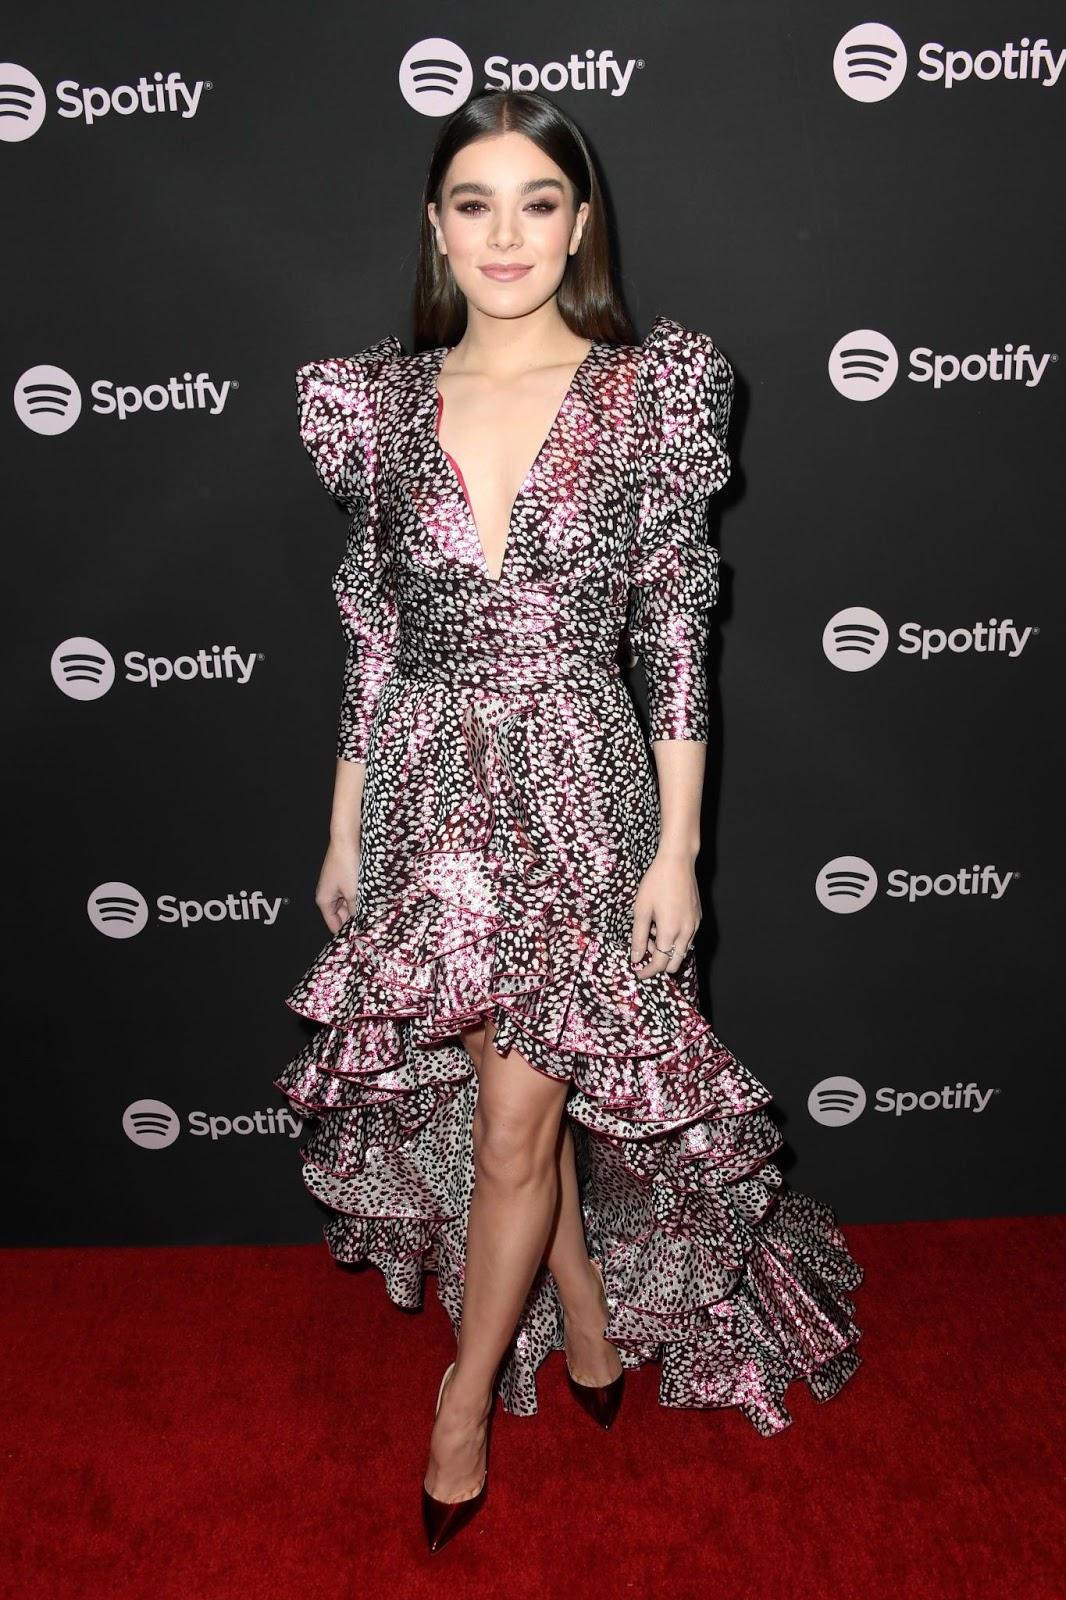 Hailee Steinfeld - Spotify Best New Artist 2019 event in LA - 02/07/2019